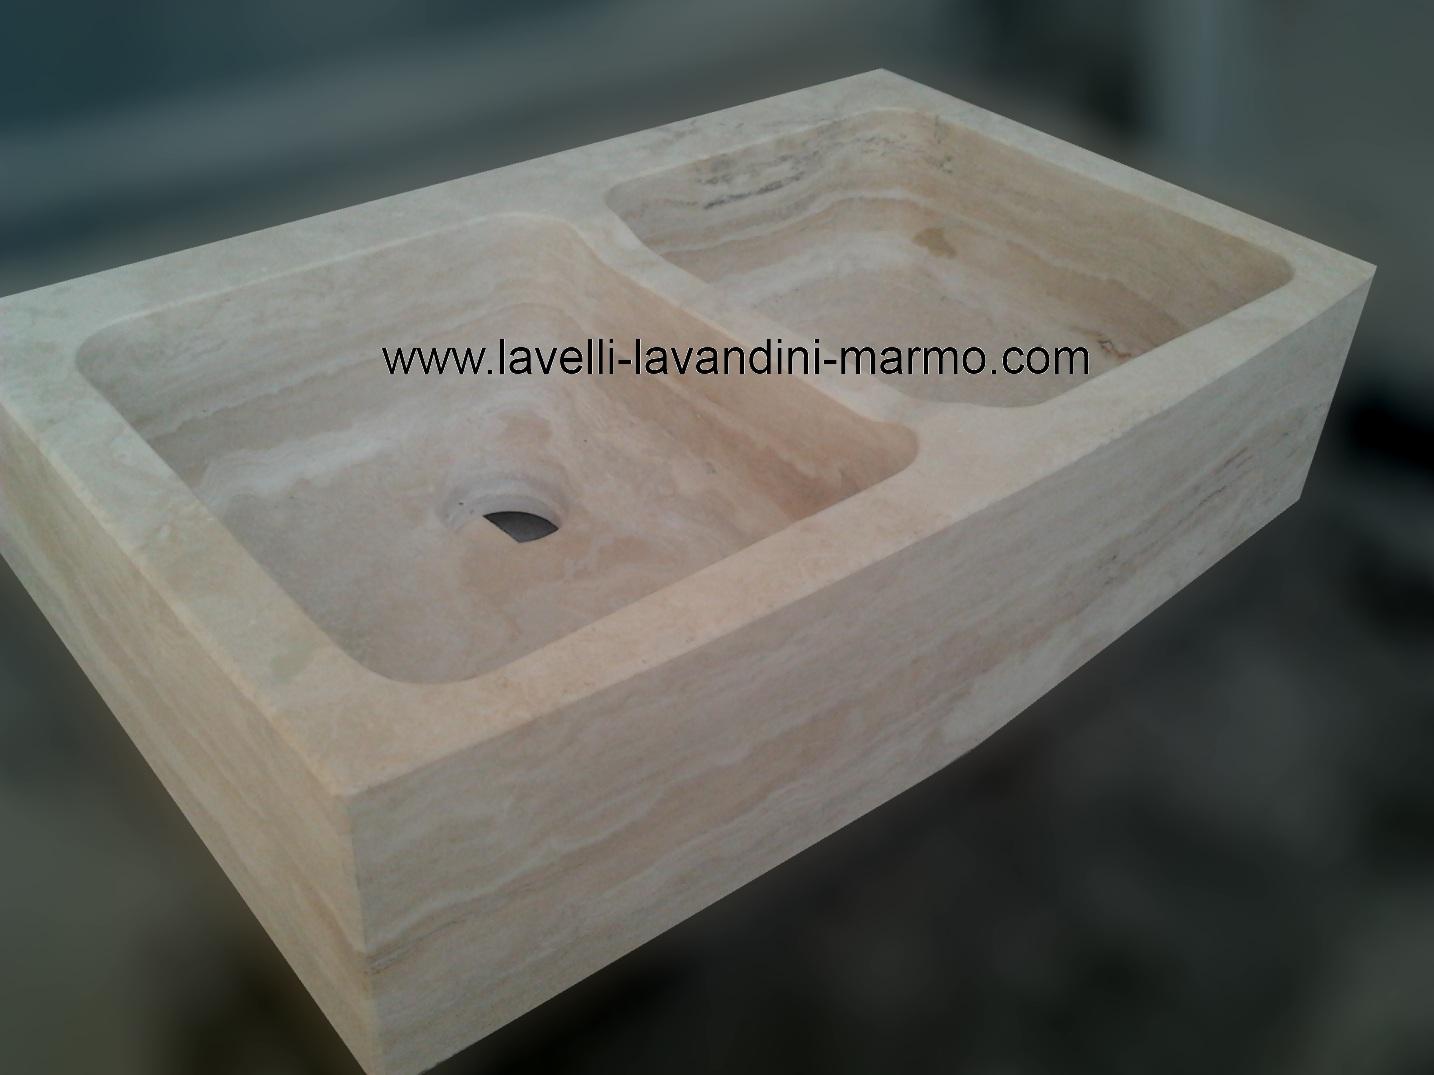 Lavello Cucina Marmo: Lavelli in graniglia di marmo da appoggio ...